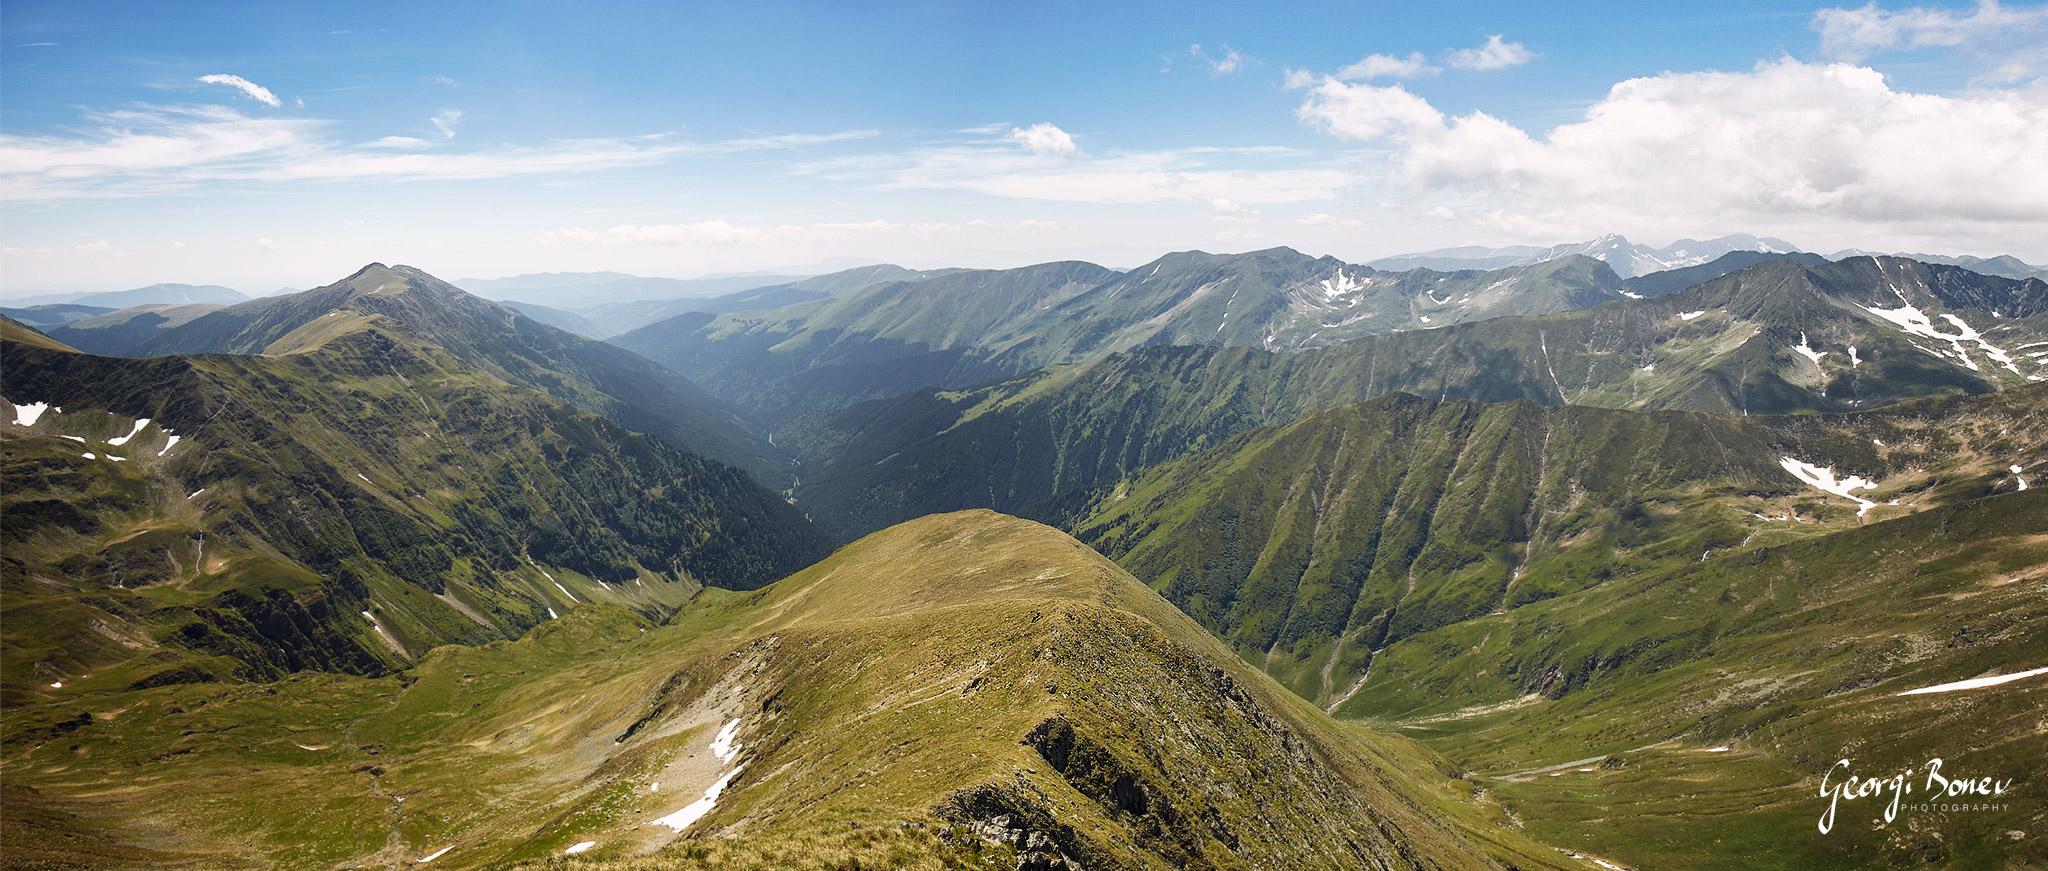 The view from Moldoveanu Peak, Fagaras Mountain, Romania